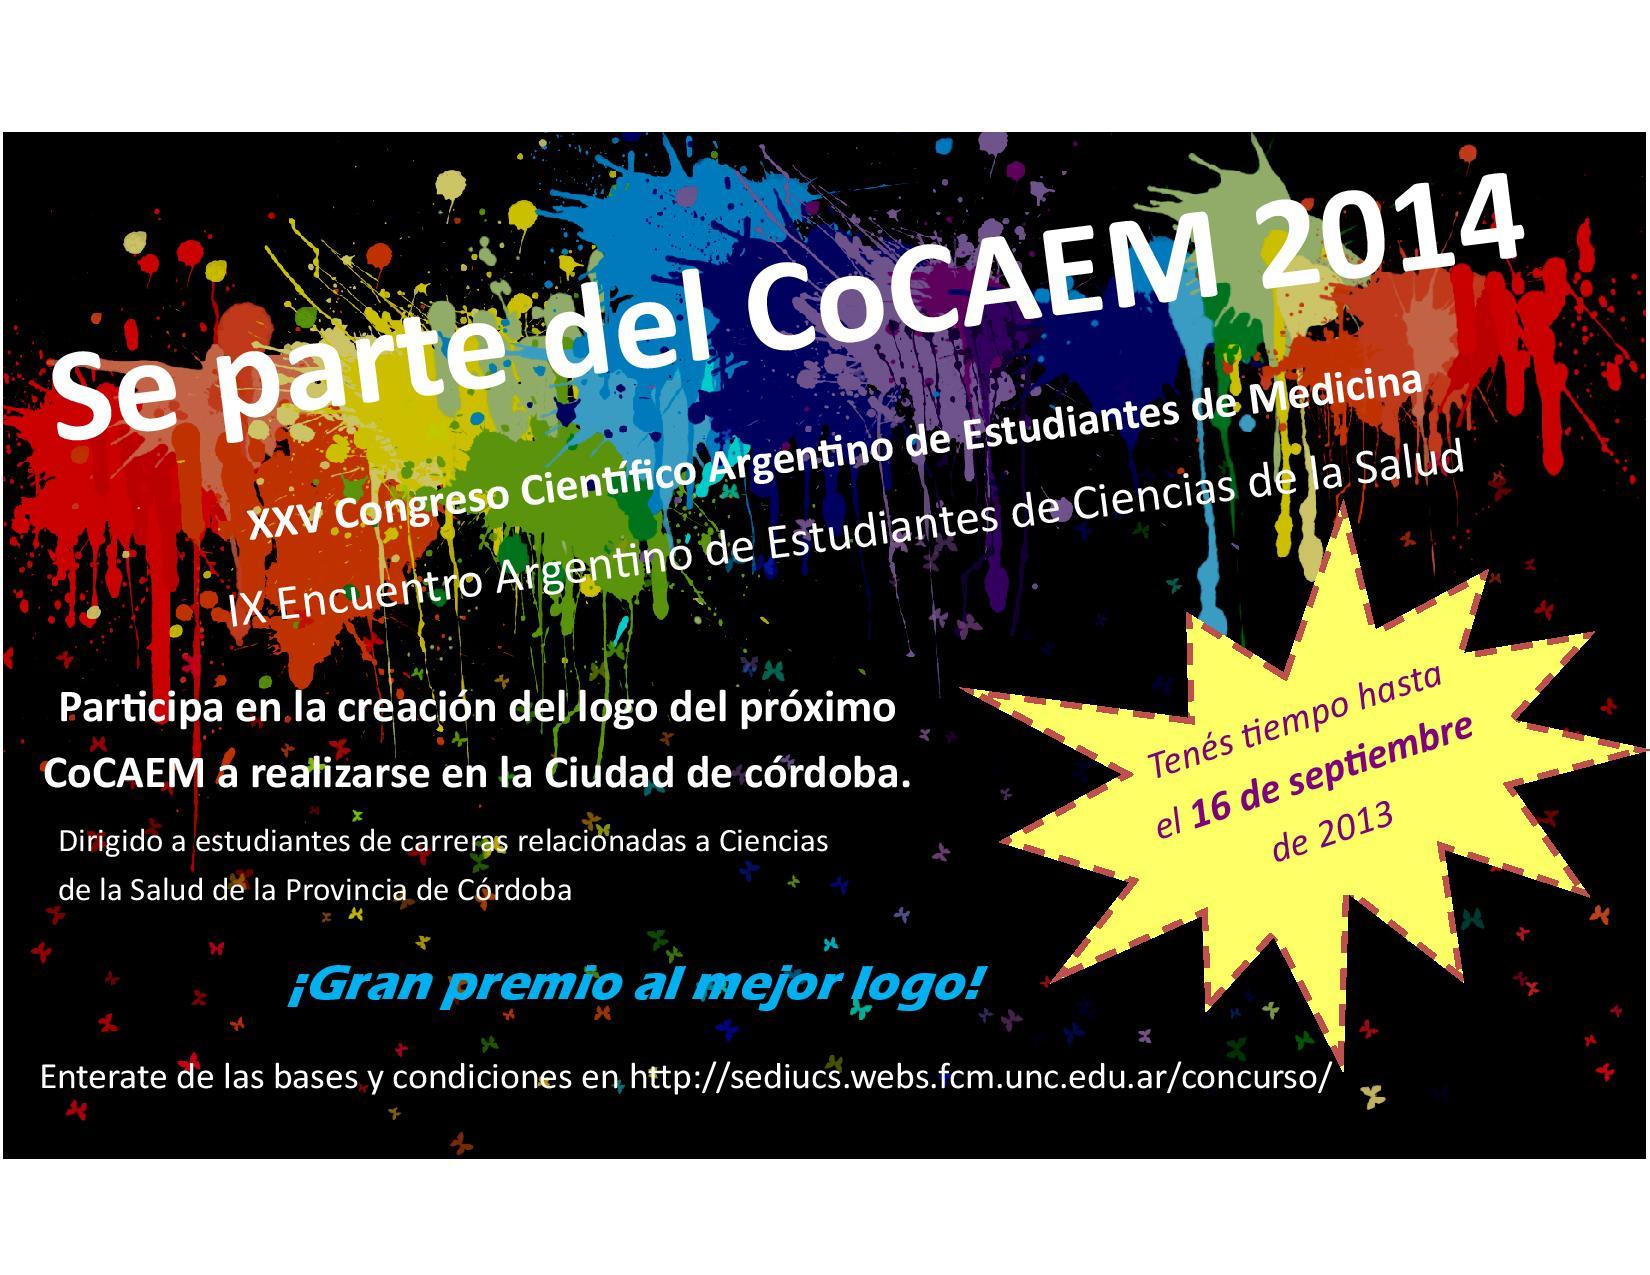 Concurso se Parte del CoCAEM 2014